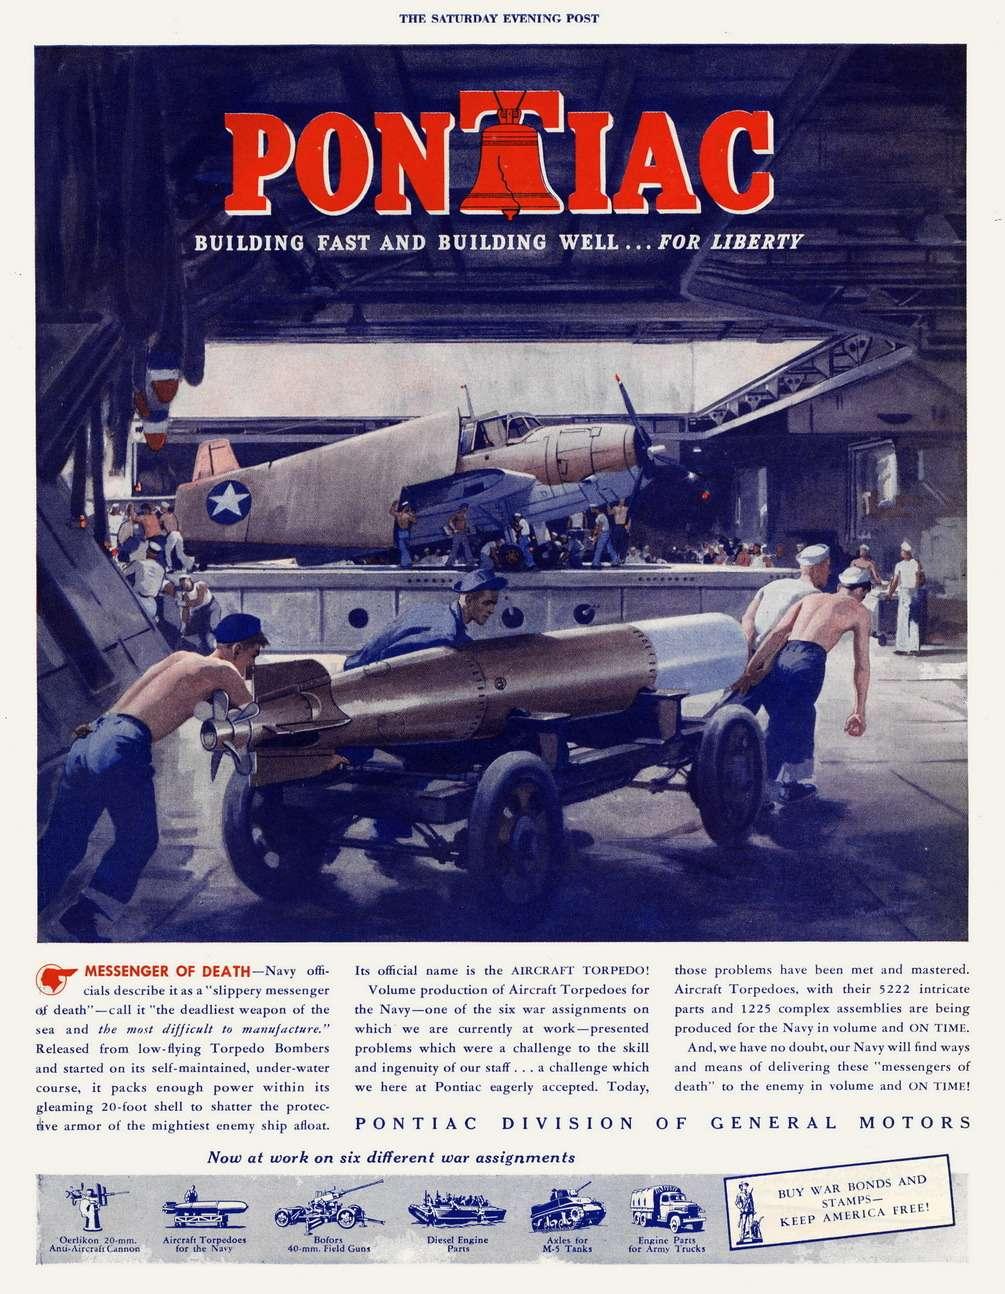 Потрясающая реклама! Продукция завода Pontiac подается как «посланник смерти». Думается, рекламировать автомобили подтаким слоганом мало кто решилсябы